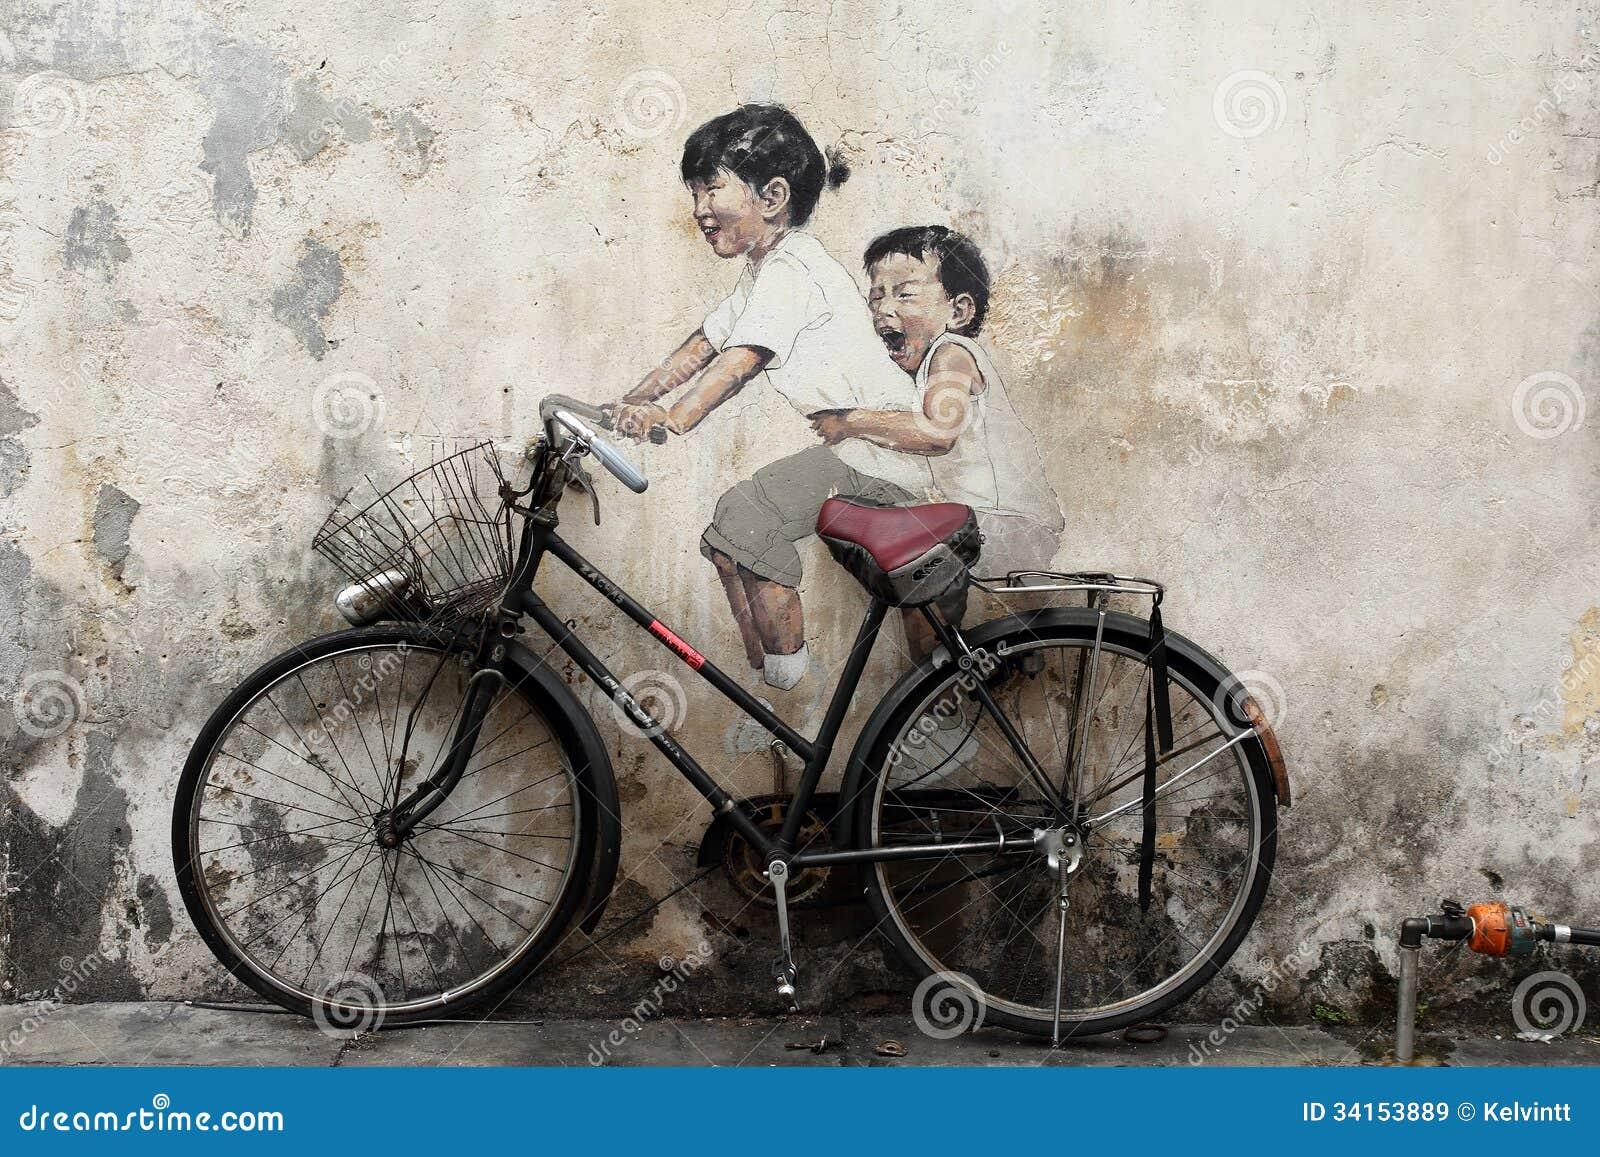 Bicycle Mural Painting At Penang Editorial Stock Image